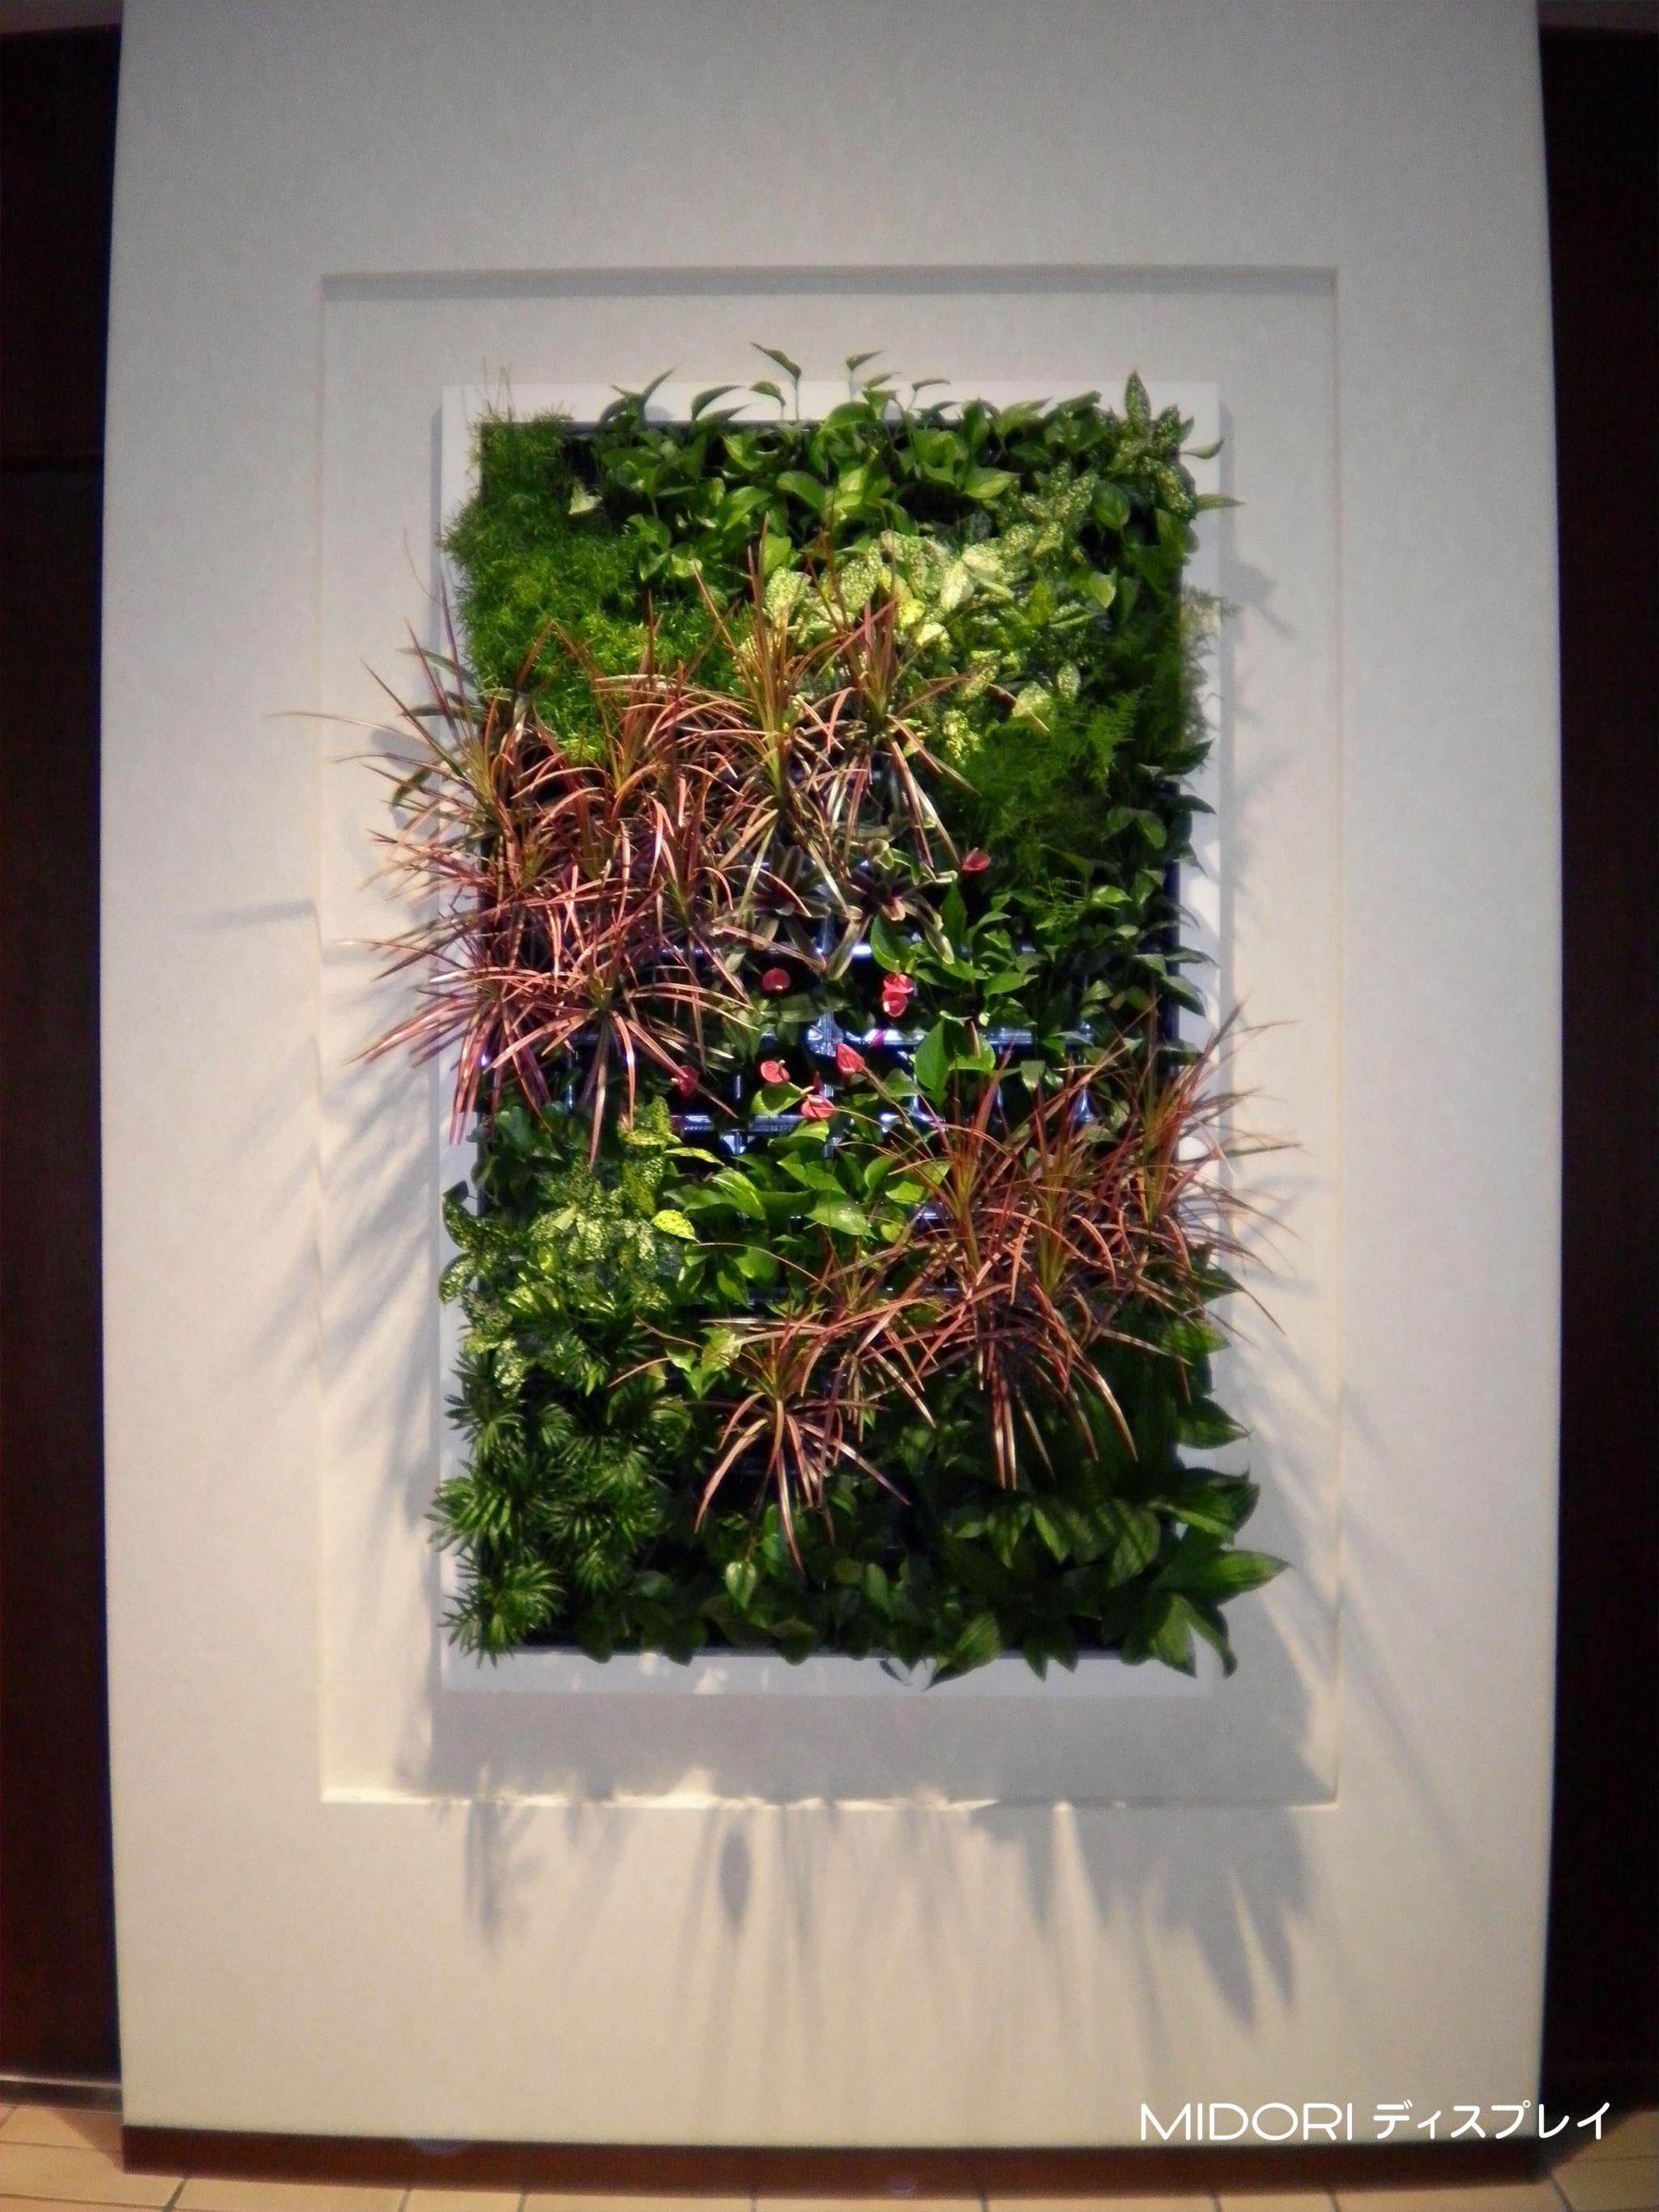 立体感のある壁面緑化